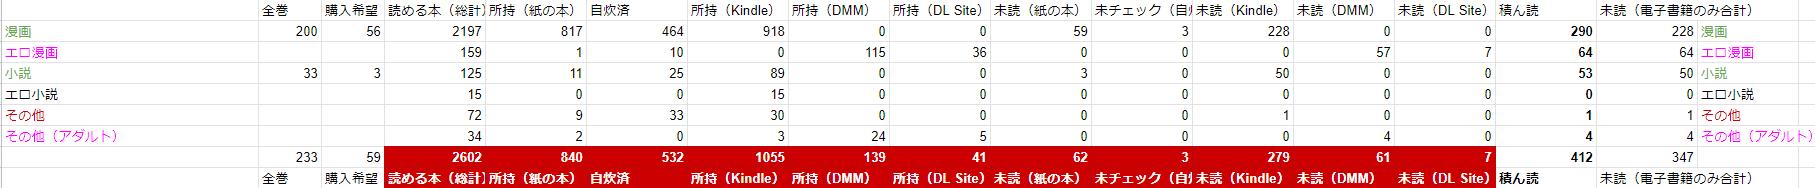 tsumihon-2021-1.png